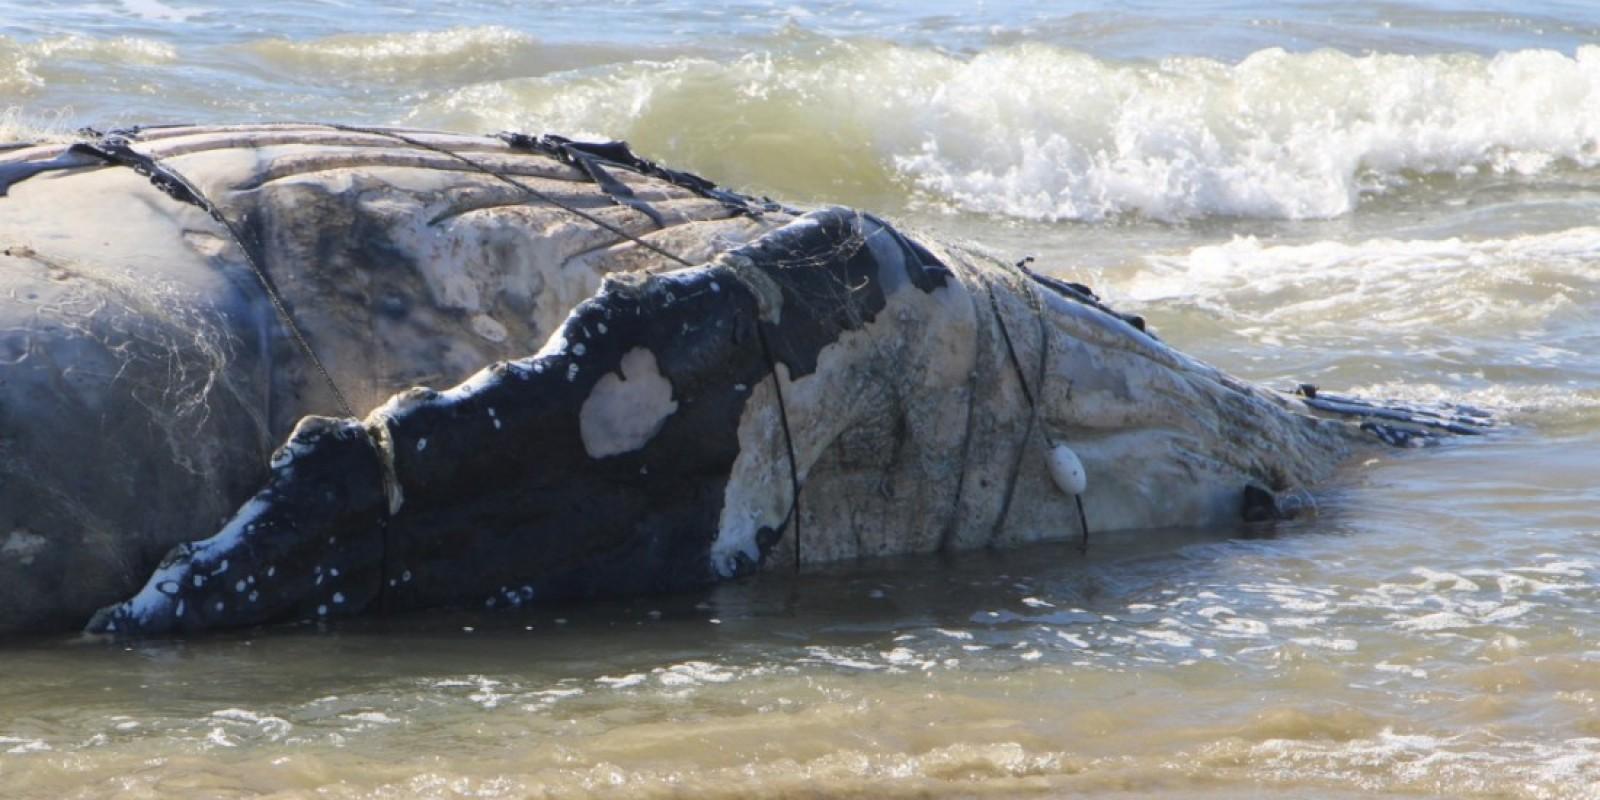 Baleia jubarte é encontrada morta enrolada em rede de pesca em Laguna